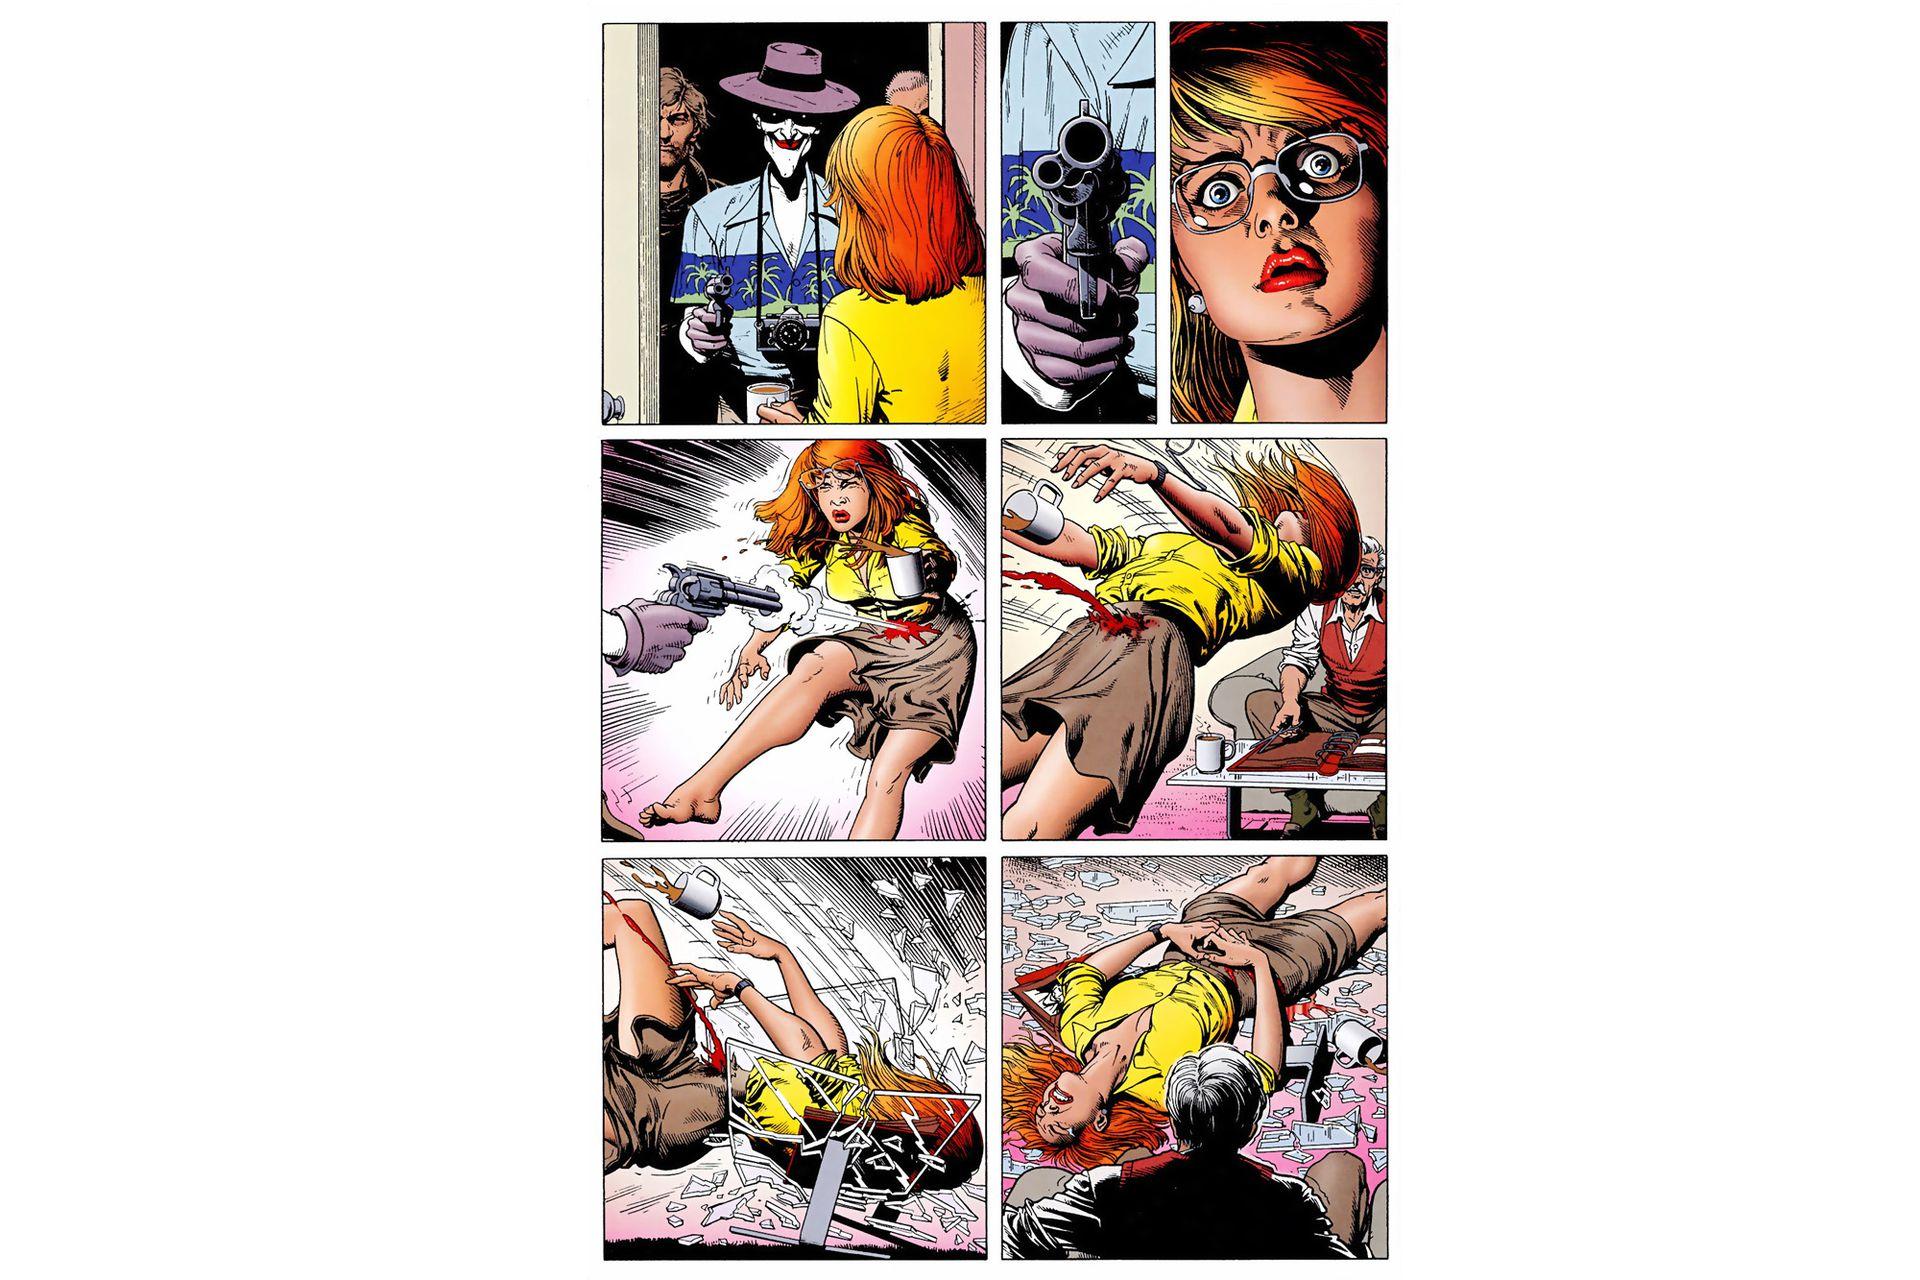 En La broma asesina, el Guasón deja postrada a Batichica. El cómic de Alan Moore y Brian Bolland fue adaptado al dibujo animado en 2016.